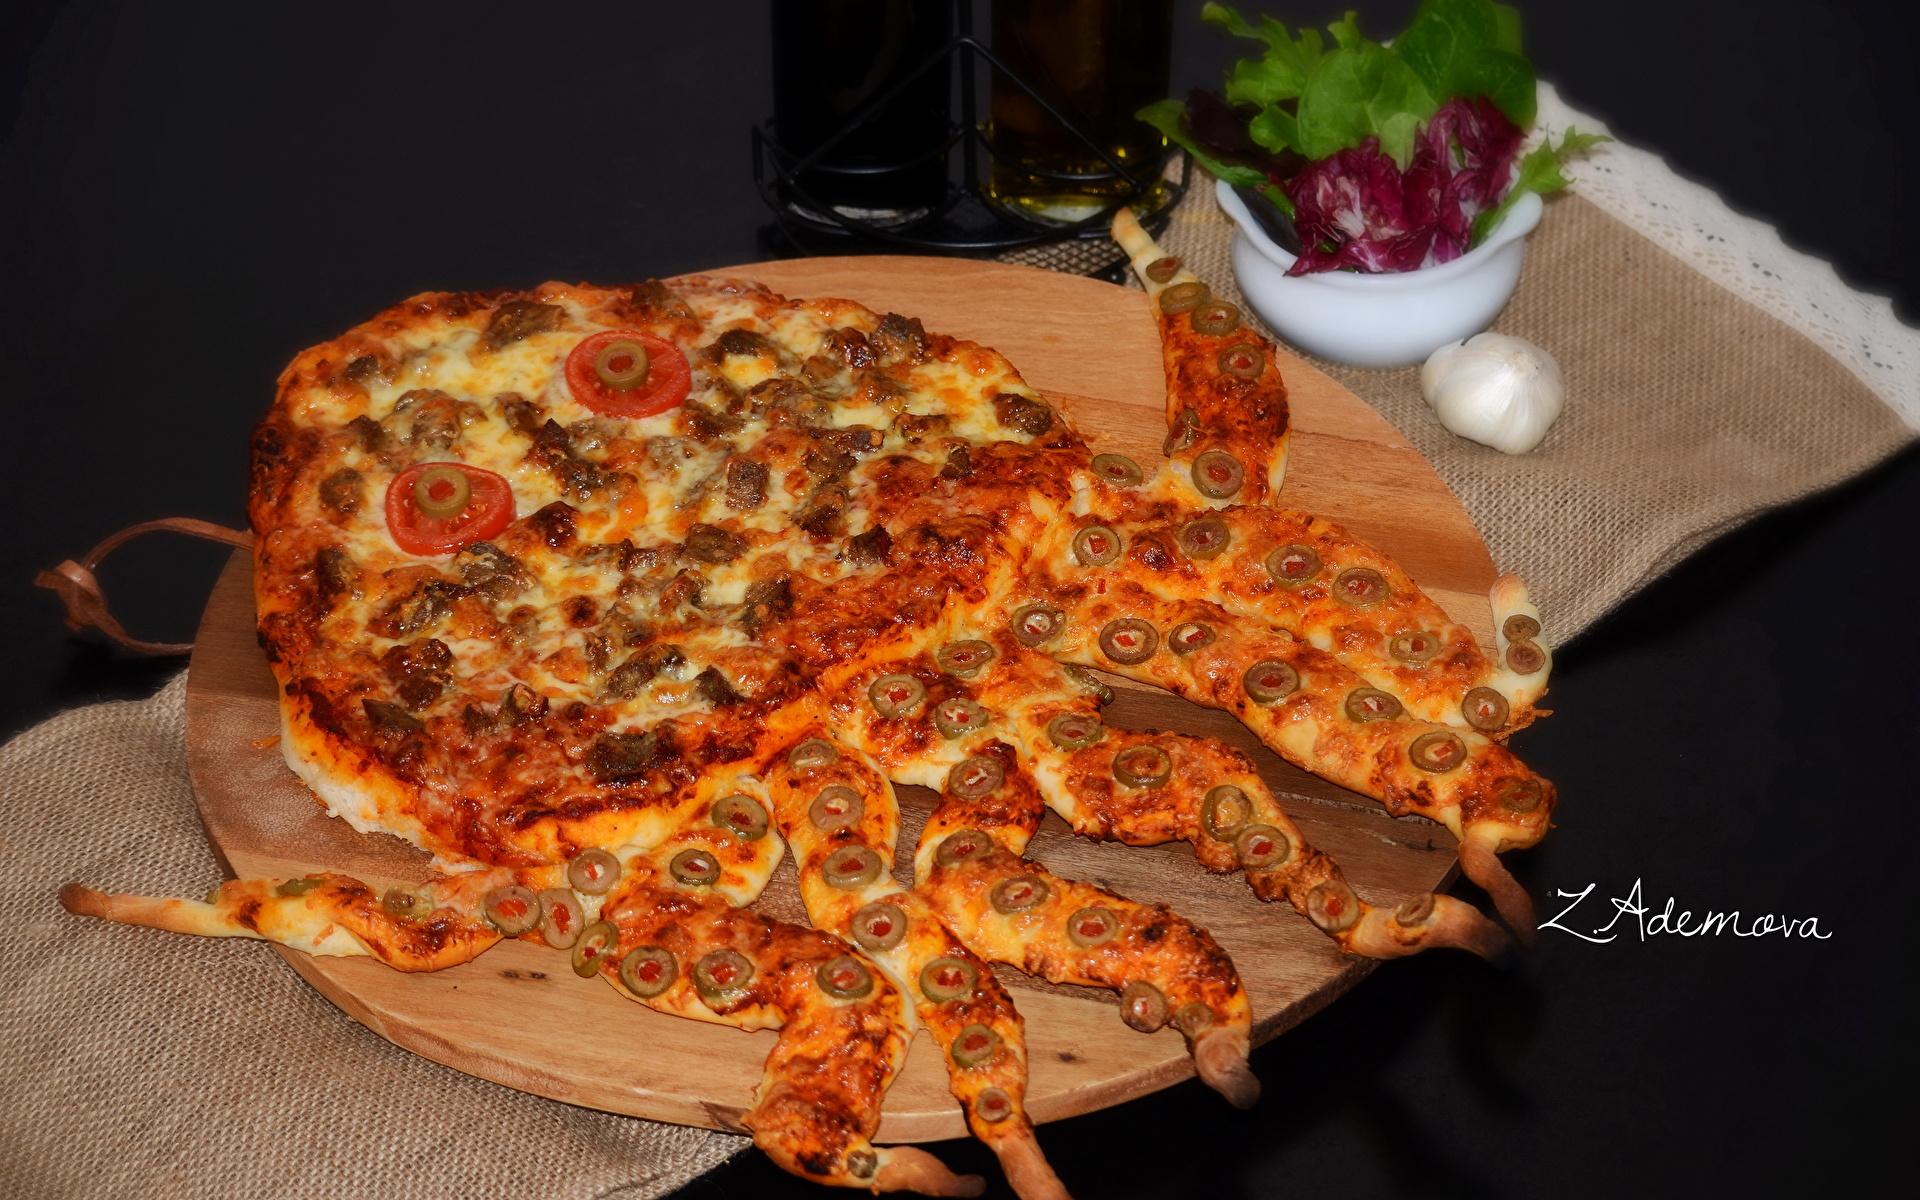 Фото Еда Пицца Быстрое питание Базилик душистый 1920x1200 Пища Продукты питания Фастфуд